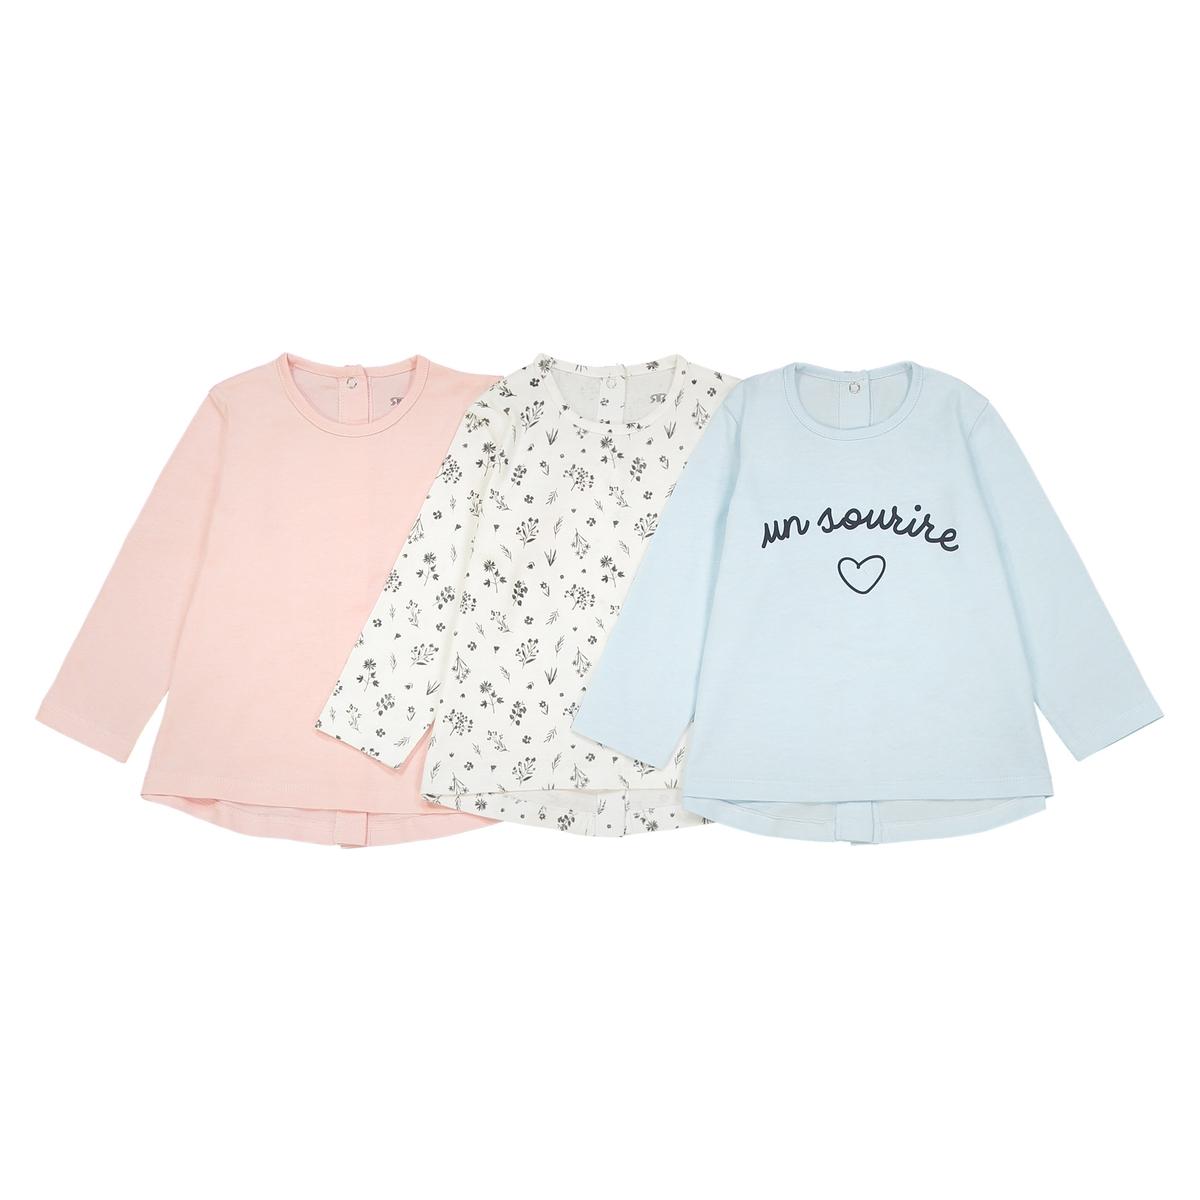 Комплект из 3 футболок с длинными рукавами, 0 мес. - 3 года комплект из 4 футболок 1 мес 3 года oeko tex